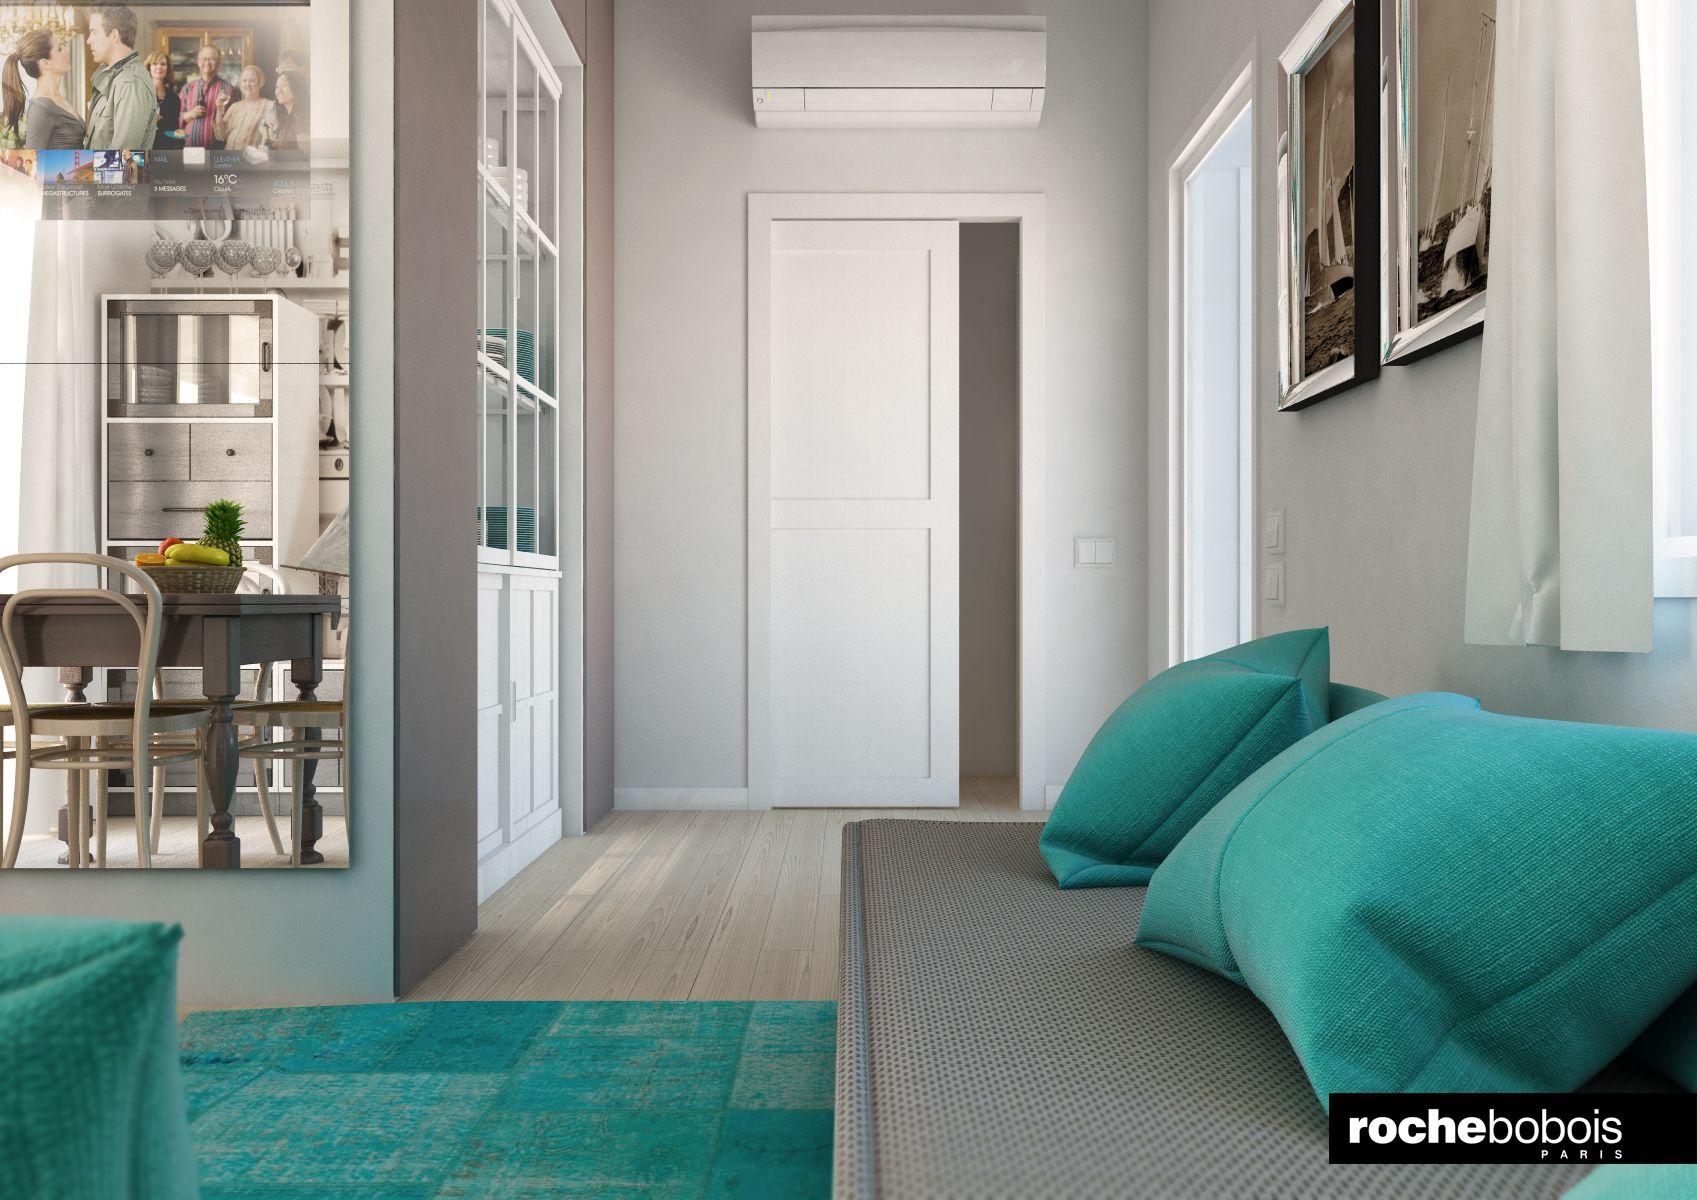 Casa al mare roche bobois style divano escapade for Divani casa al mare